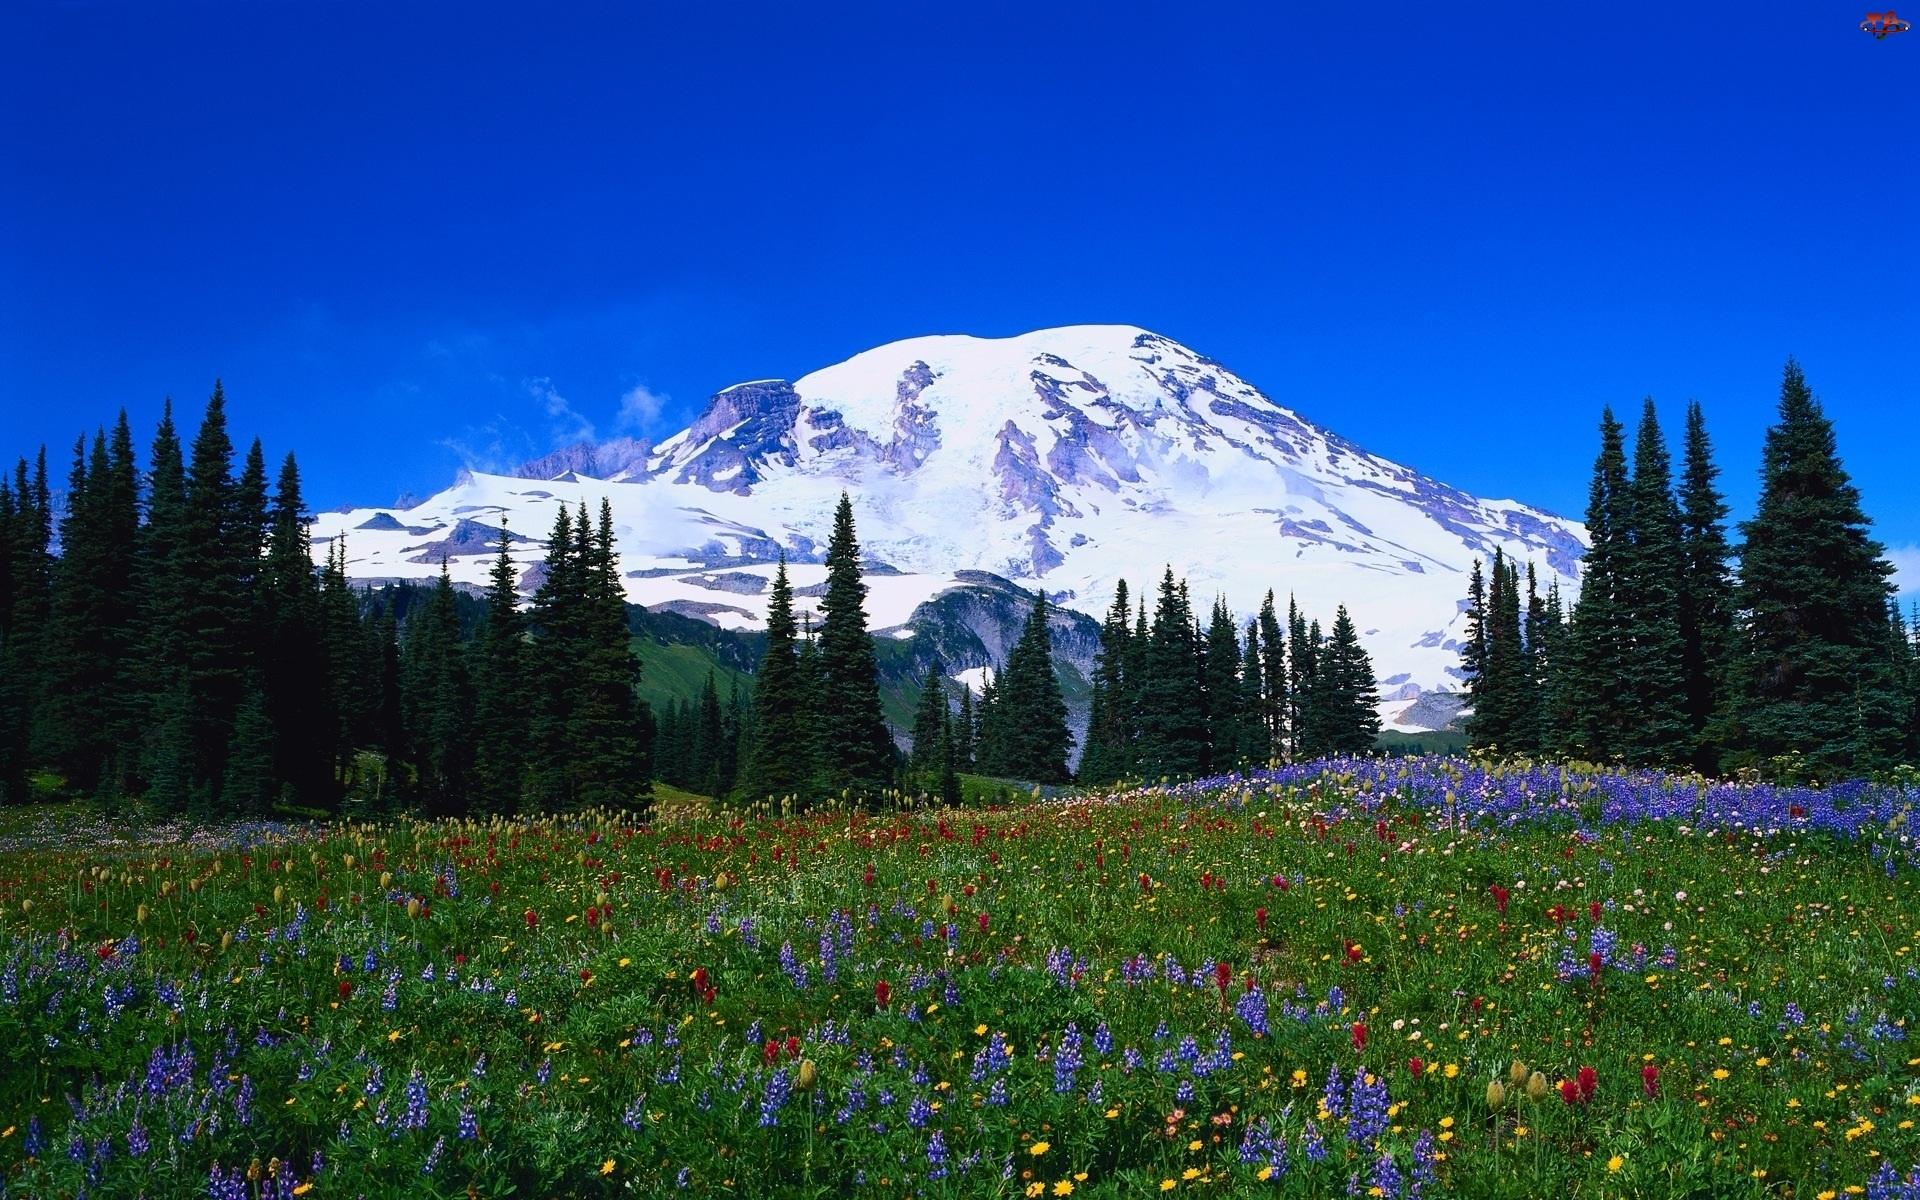 Łąka, Góry, Kwiaty, Świerki